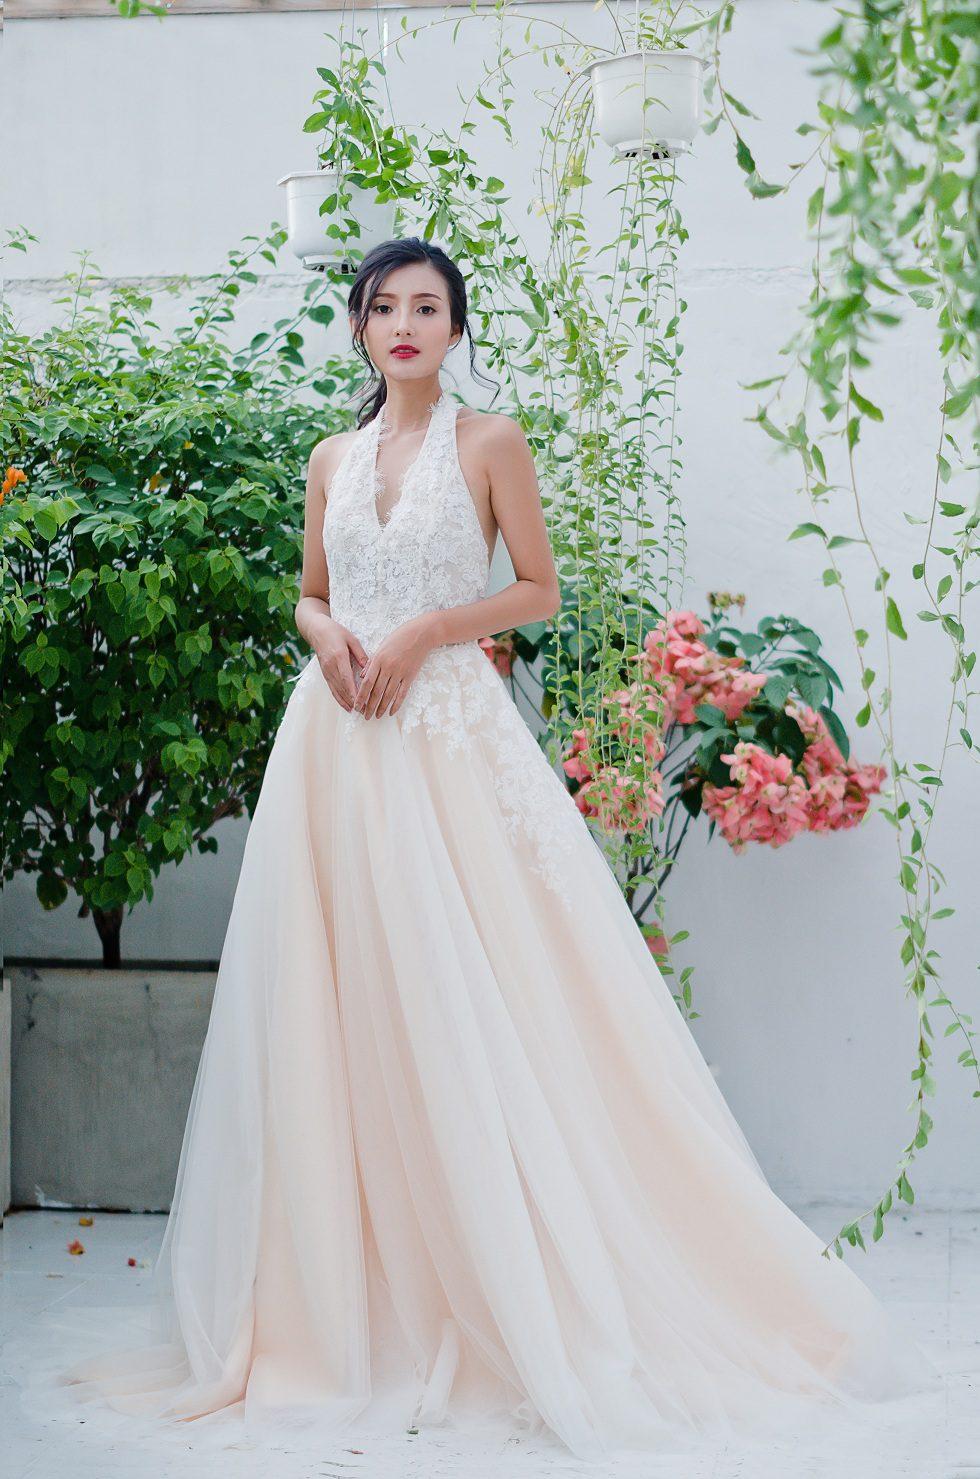 áo cưới cổ yến màu trắng ngà